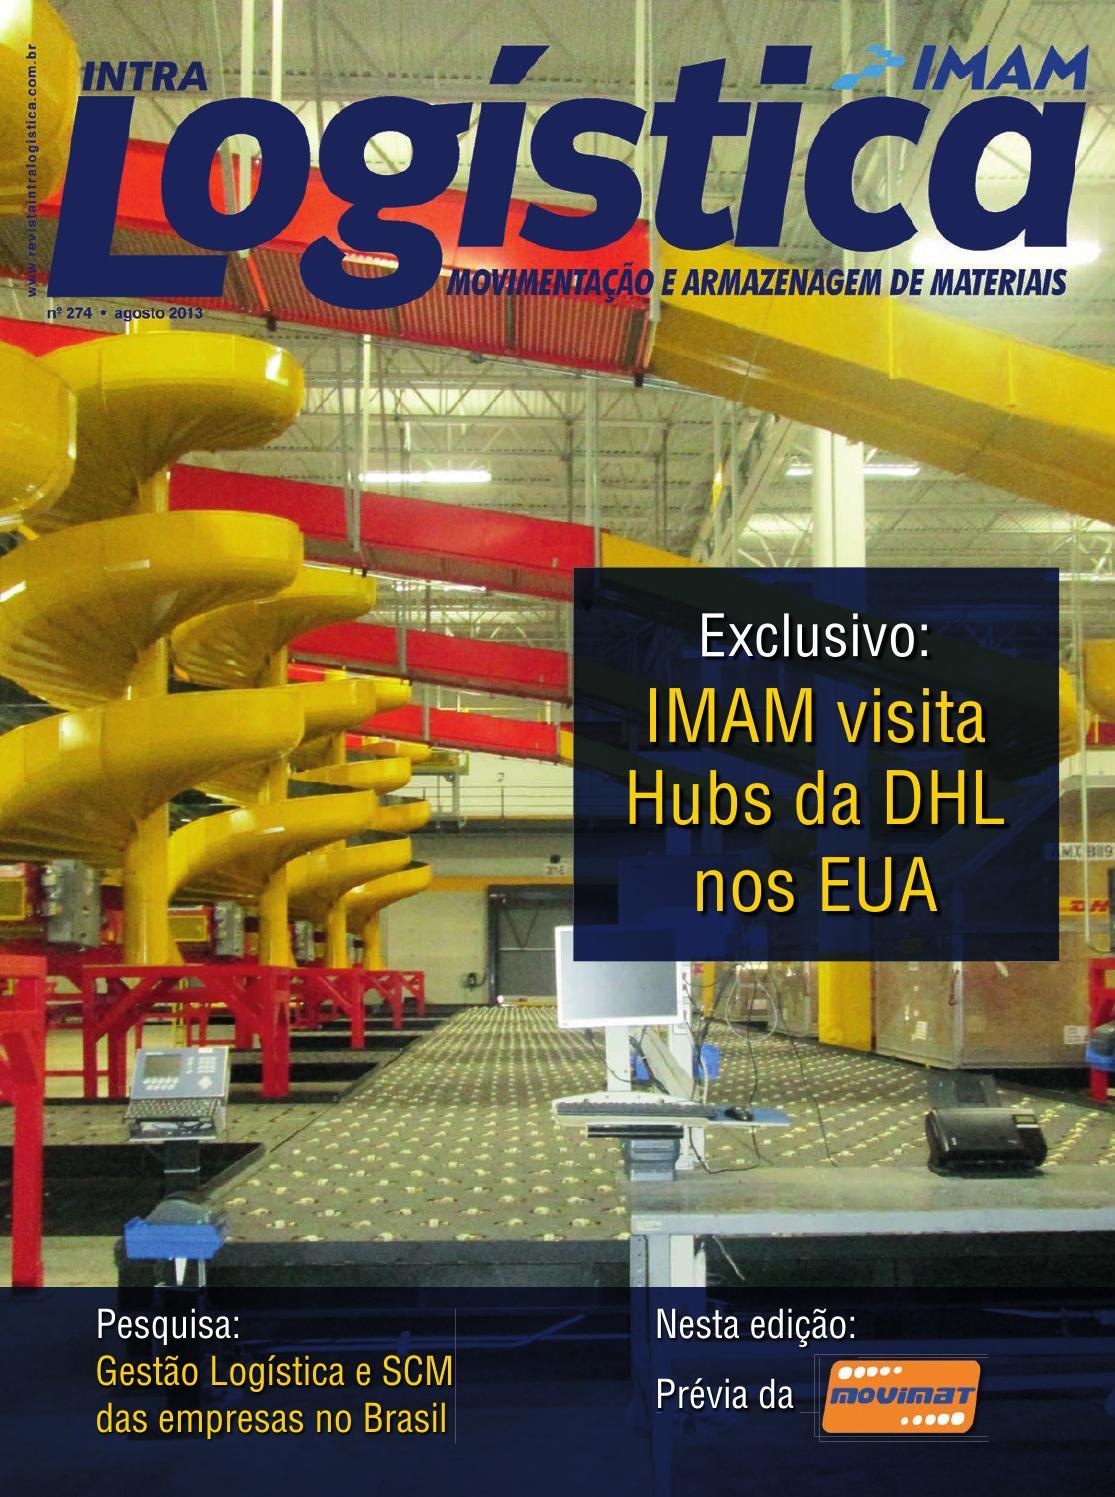 50530a669 Revista intraLOGÍSTICA - Edição 274 - Agosto 2013 by IMAM Editora e  Comercio - issuu